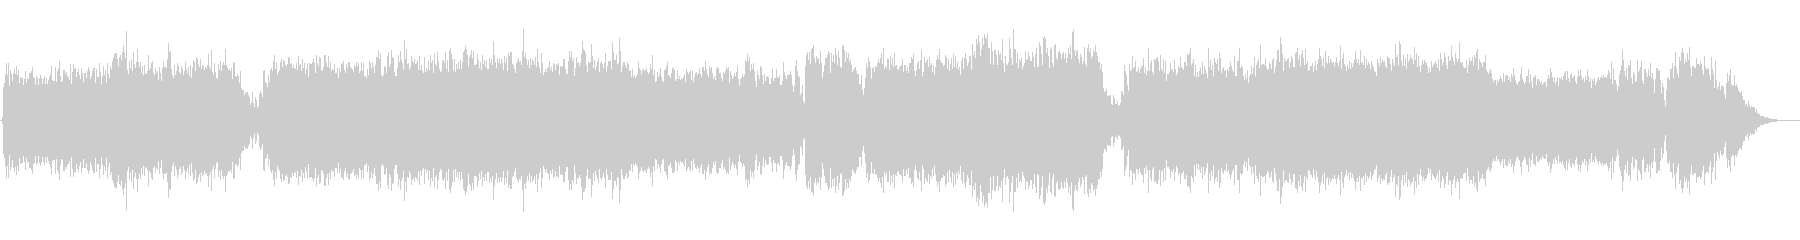 ハロウィン/クリスマス系怪しい雰囲気の曲の未再生の波形